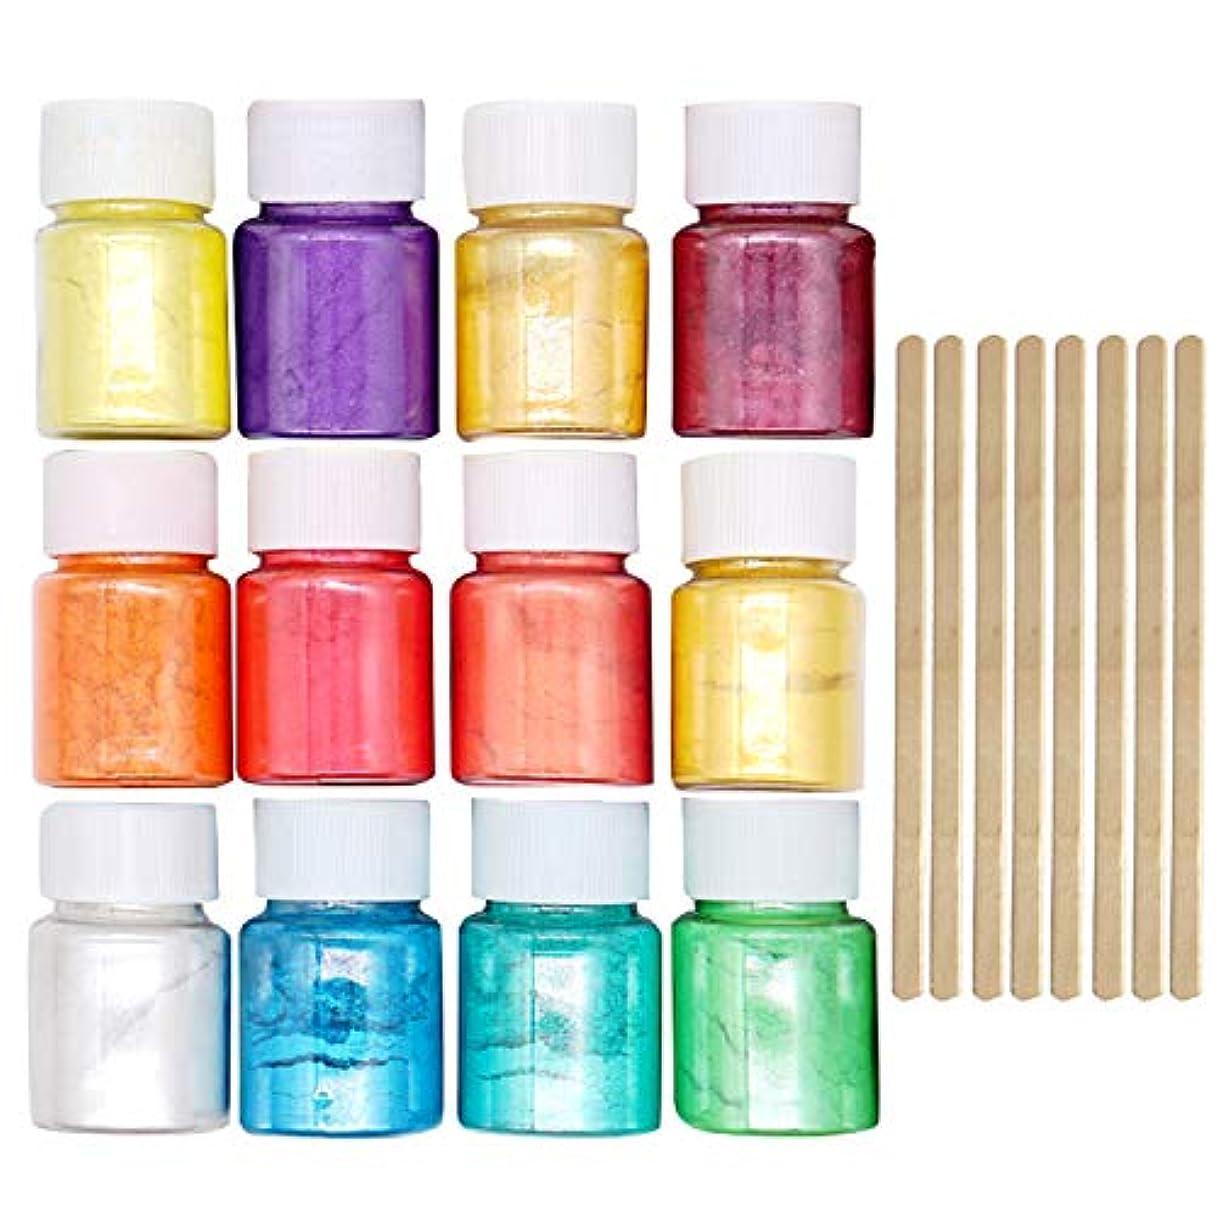 カリキュラム把握常習的マイカパウダー Migavan マイカパールパウダー 12色着色剤顔料雲母真珠パウダーで8ピース木製攪拌棒diyネイルアートクラフトプロジェクトスライム作り用品